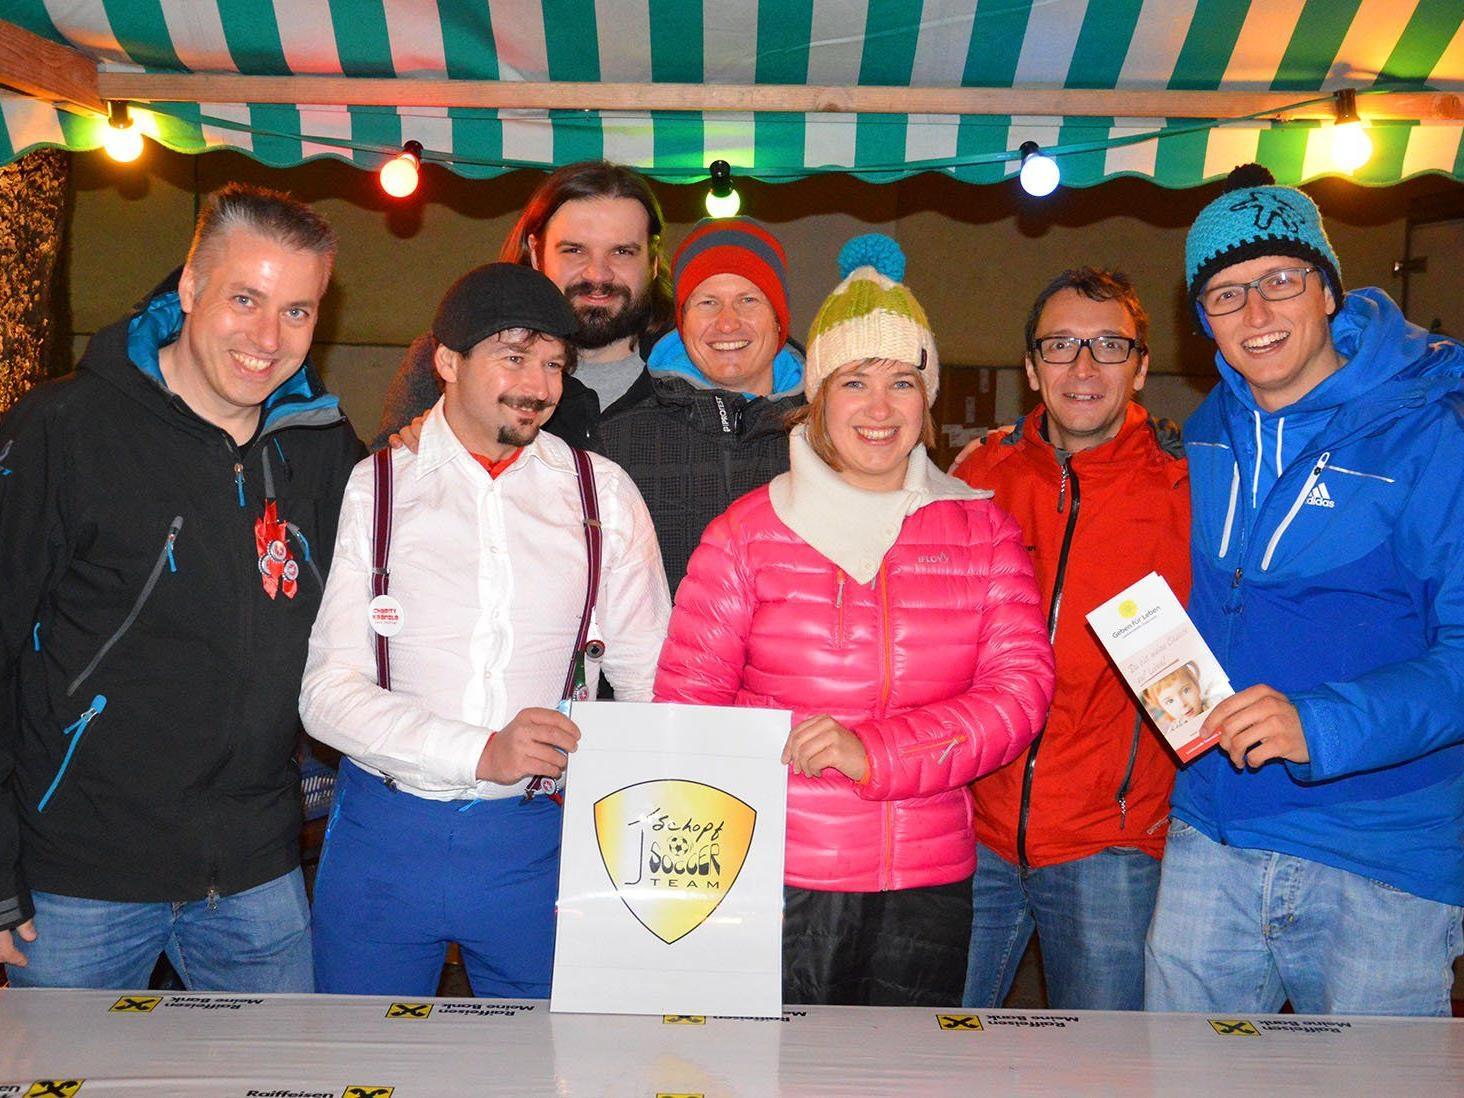 """Über 500 Besucher bewirtete das """"First Schopf Soccer Team"""" am ersten Abend des """"Charity Kränzle""""."""